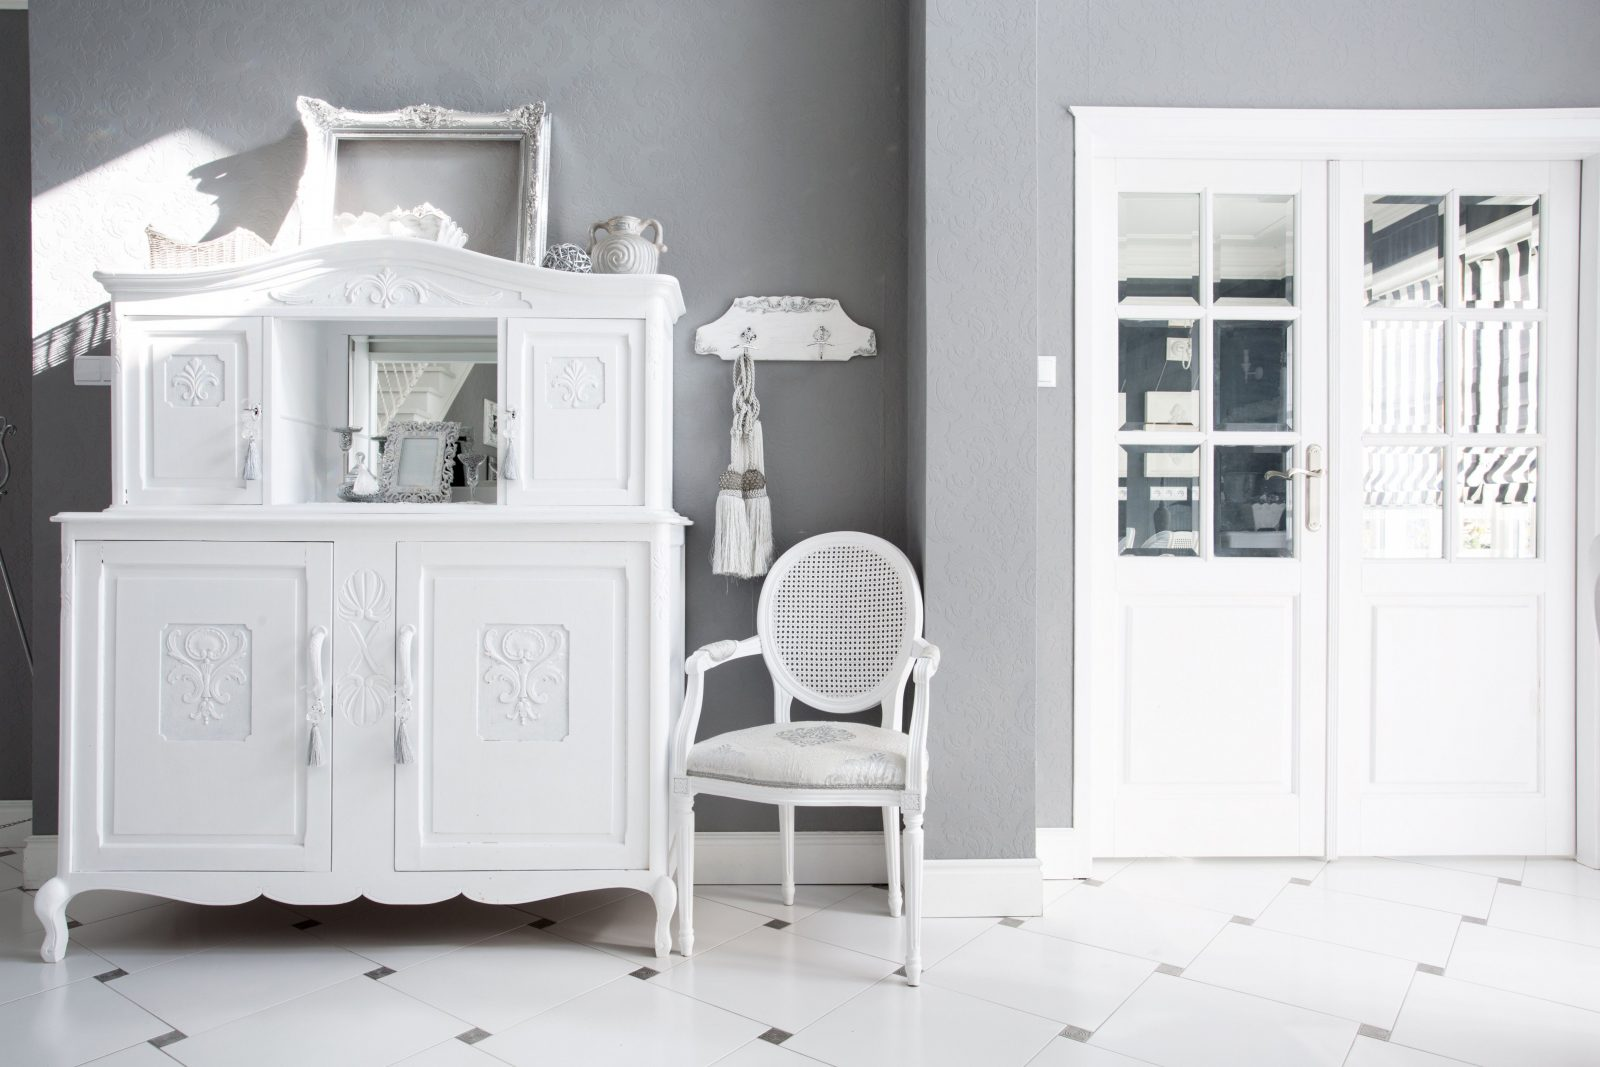 dunkle m bel wei streichen haus design ideen. Black Bedroom Furniture Sets. Home Design Ideas